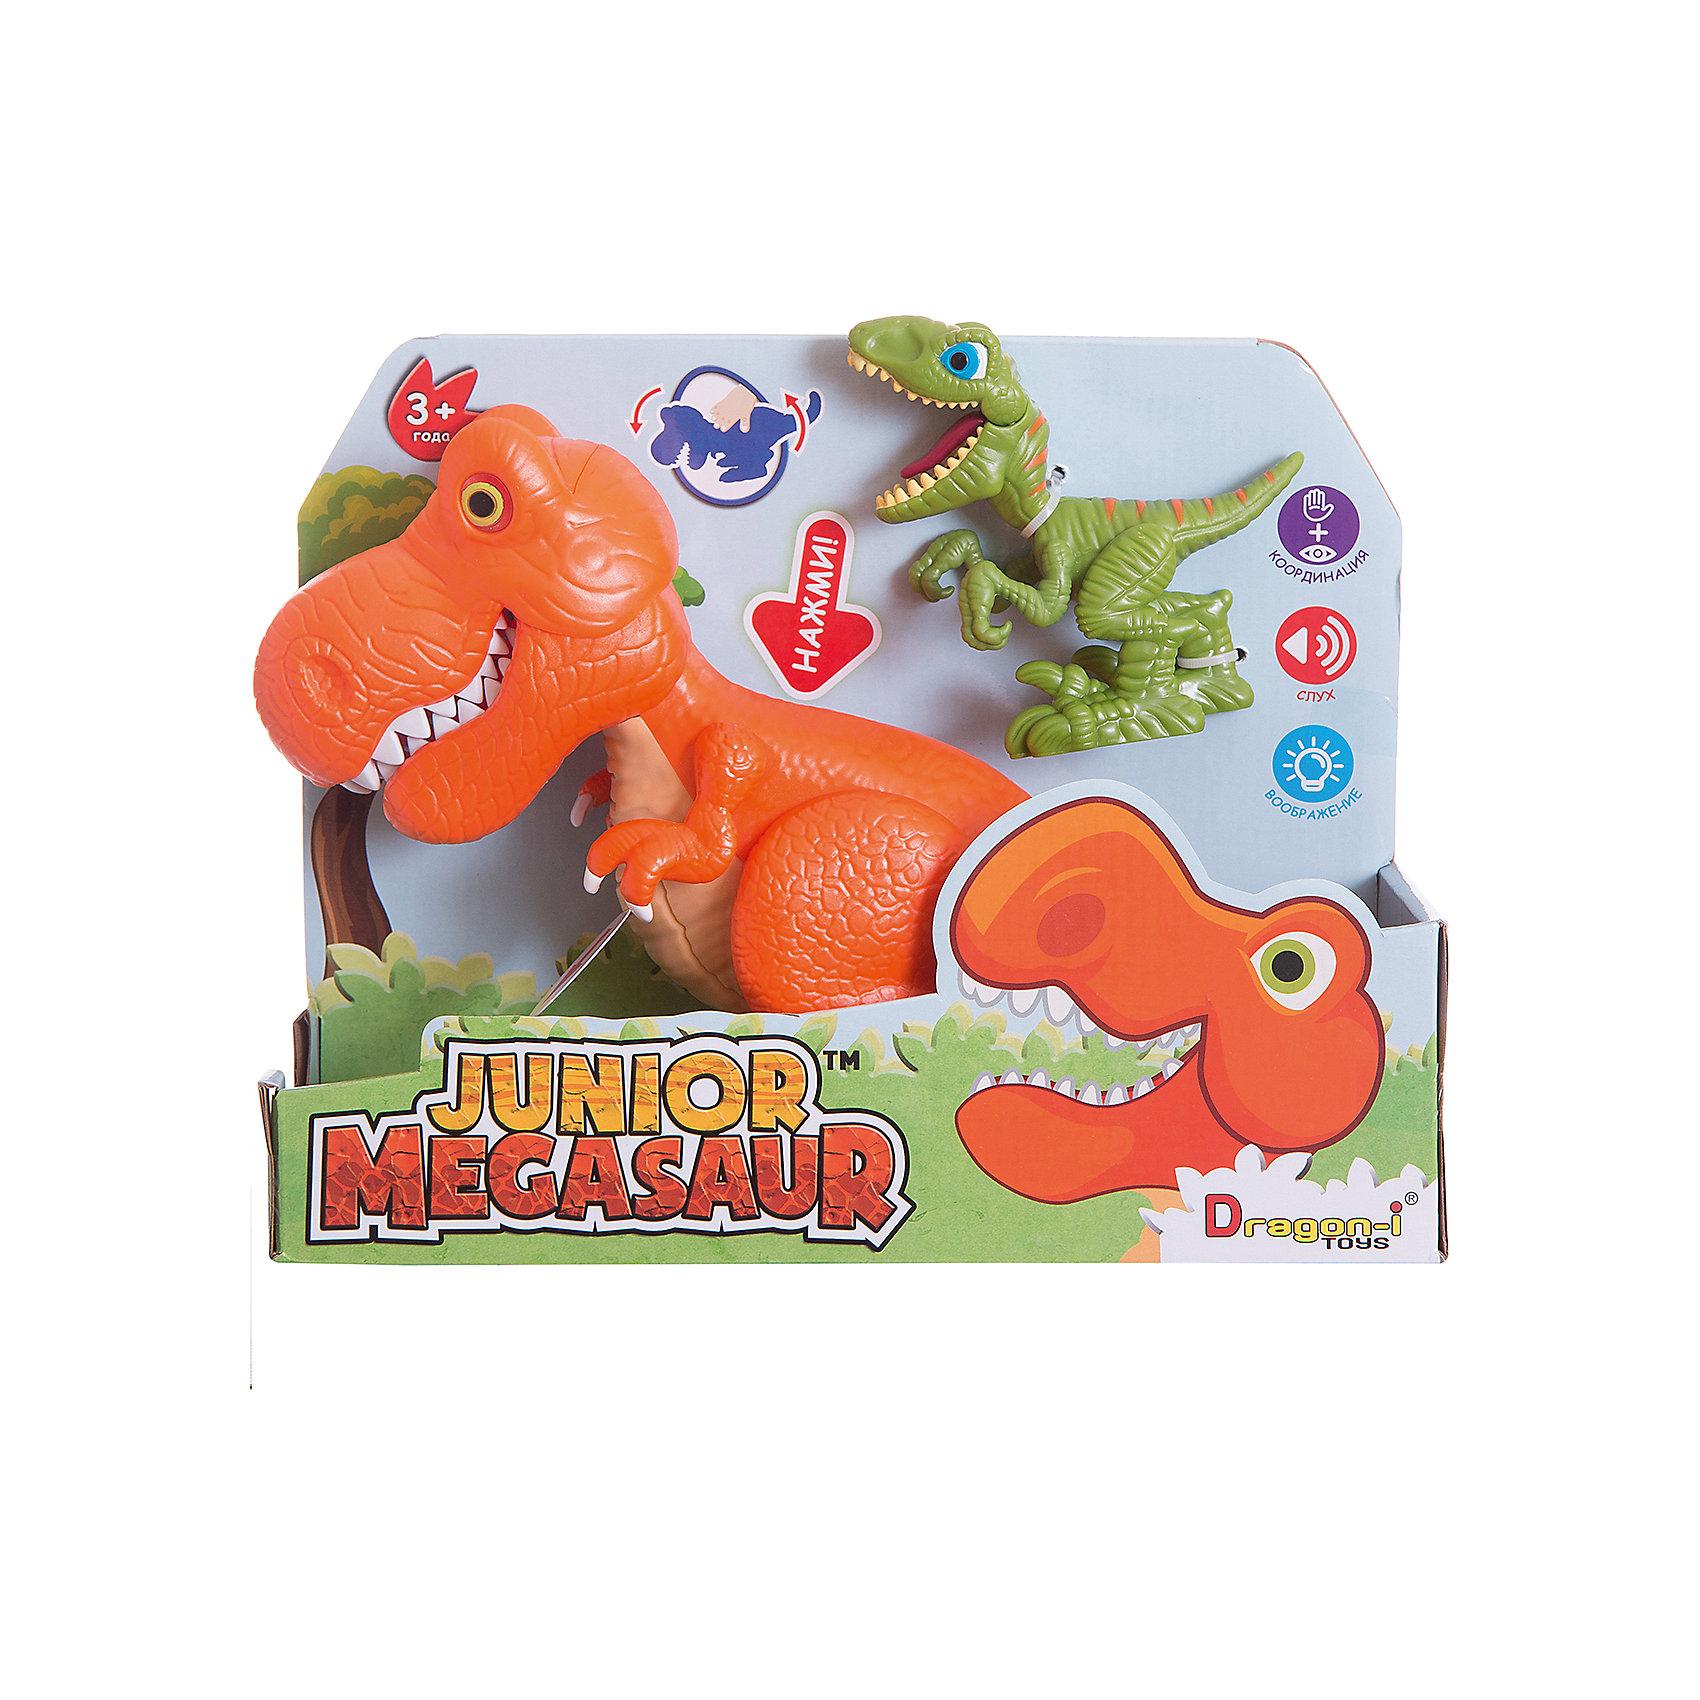 Игрушка динозавра, со светом и звуком, Junior MegasaurДраконы и динозавры<br>Характеристики товара:<br><br>• возраст: от 3 лет;<br>• материал: пластик;<br>• тип батареек : 2 батарейки АА ;<br>• наличие батареек : демонстрационные батарейки;<br>• размер упаковки:31х11х26 см;<br>• вес упаковки: 657 гр.;<br>•страна обладатель бренда: США. <br><br>Перед вами набор сразу с двумя чудесными динозаврами. Один из них небольшой  зеленый ящер, а другой большой оранжевый - интерактивный. Он оснащен световыми и звуковыми эффектами: при наклоне корпуса динозавра у него будут светиться глаза, он зарычит и начнёт хлопать пастью. При этом динозавр может захватывать мелкие предметы со стола или с пола.<br><br>Маленький динозавр - при нажатии на спинку открывает пасть, большой - рычит, при этом у него светятся глаза. С такими игрушками ребенок весело проведет время и придумает множество различных историй.<br><br>Игрушку динозавр Junior Megasaur, со светом и звуком  можно приобрести в нашем интернет-магазине.<br><br>Ширина мм: 310<br>Глубина мм: 110<br>Высота мм: 240<br>Вес г: 657<br>Возраст от месяцев: 36<br>Возраст до месяцев: 2147483647<br>Пол: Мужской<br>Возраст: Детский<br>SKU: 6916225